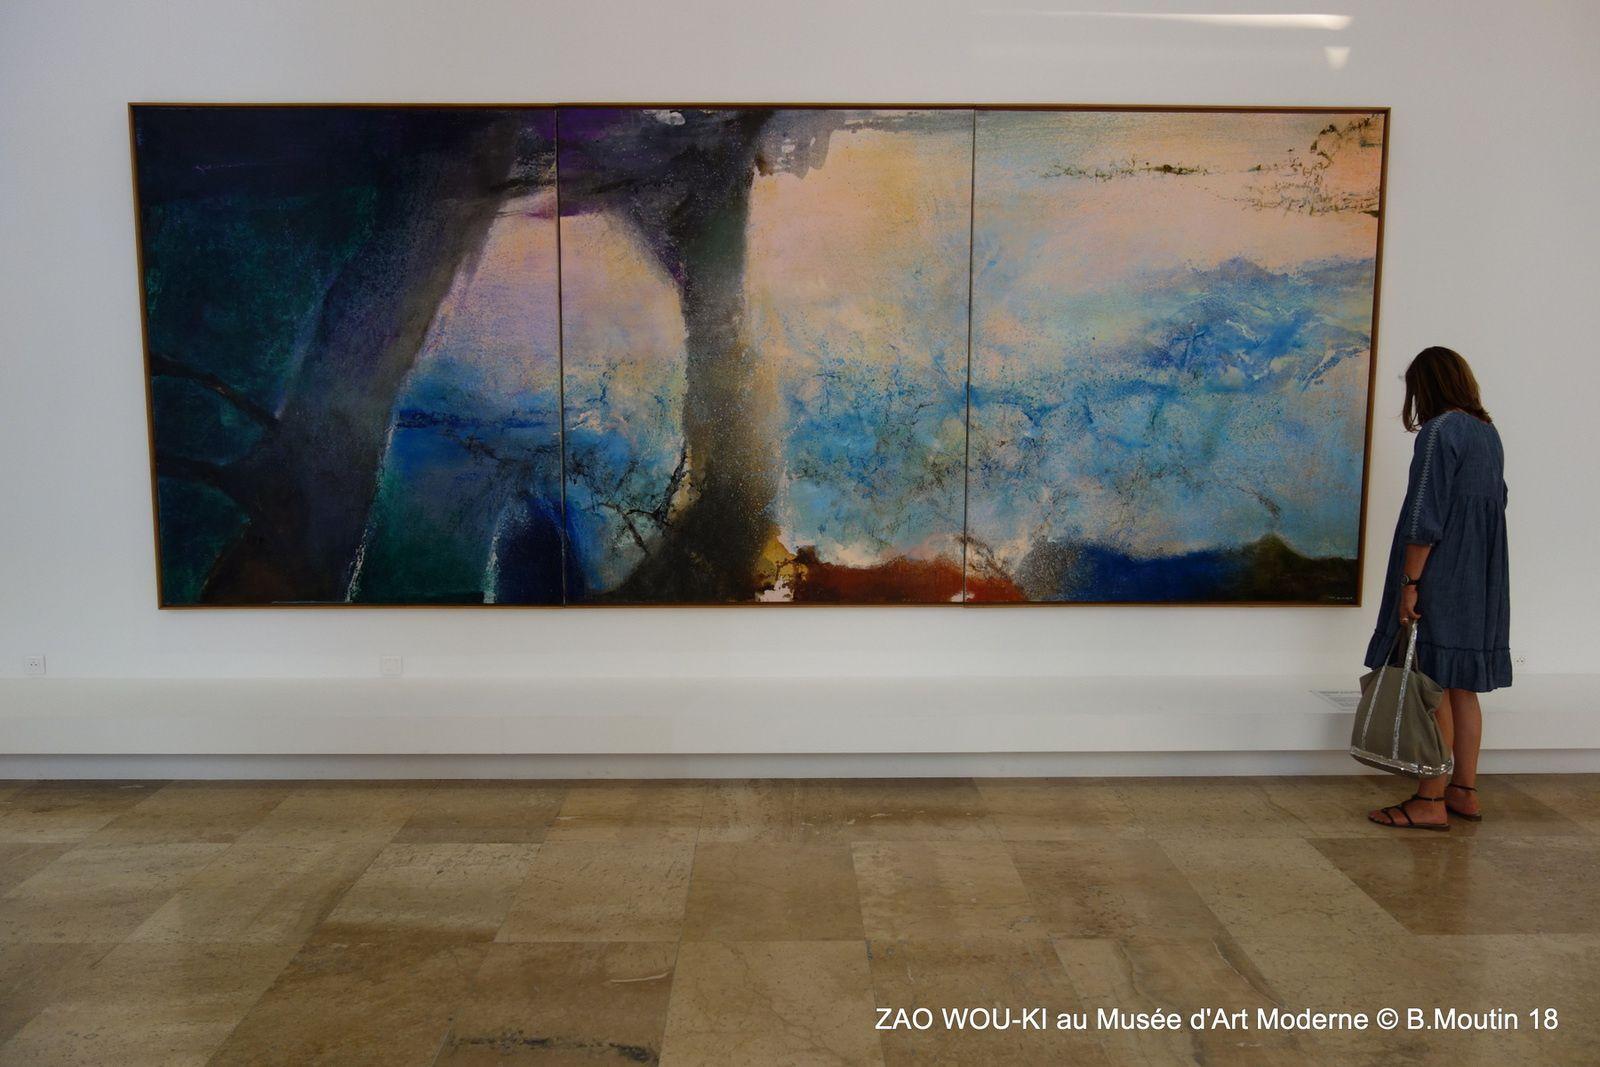 ZAO WOU-KI au Musée d'Art Moderne de Paris (jusqu'au 6 janvier 2019)